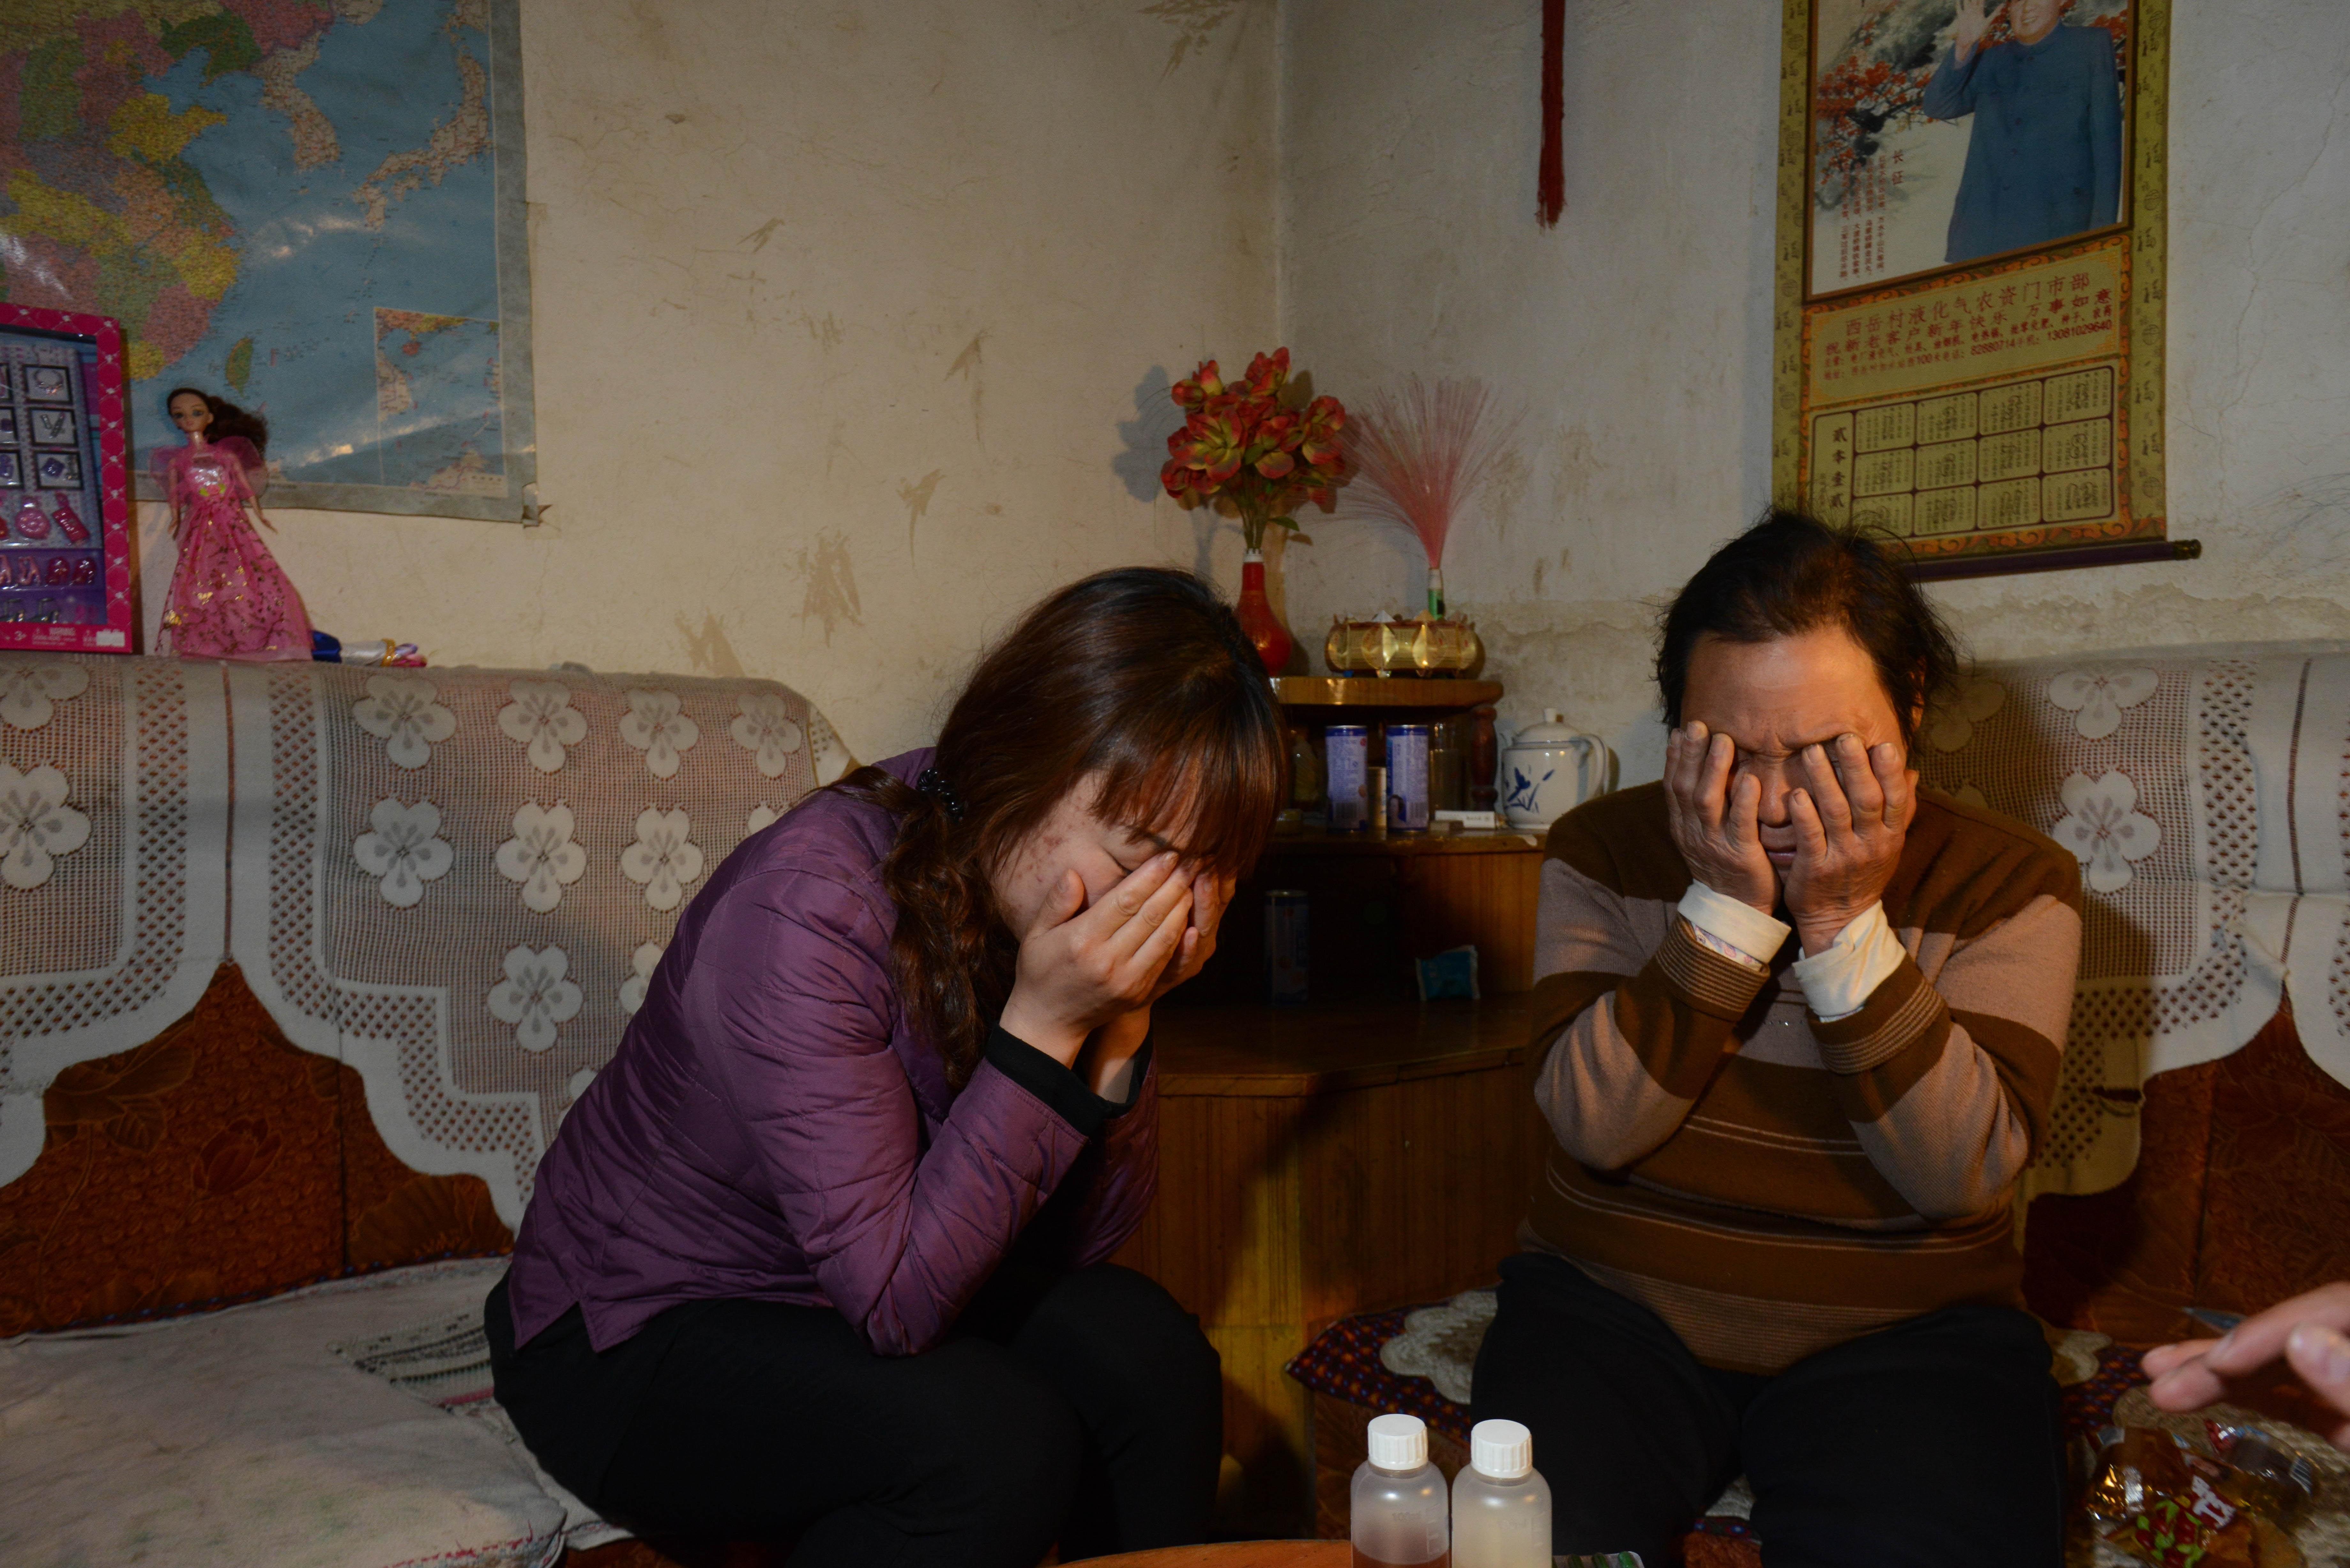 2013年5月2日,河北平山县,中毒身亡孩子的家人痛心不已。/视觉中国